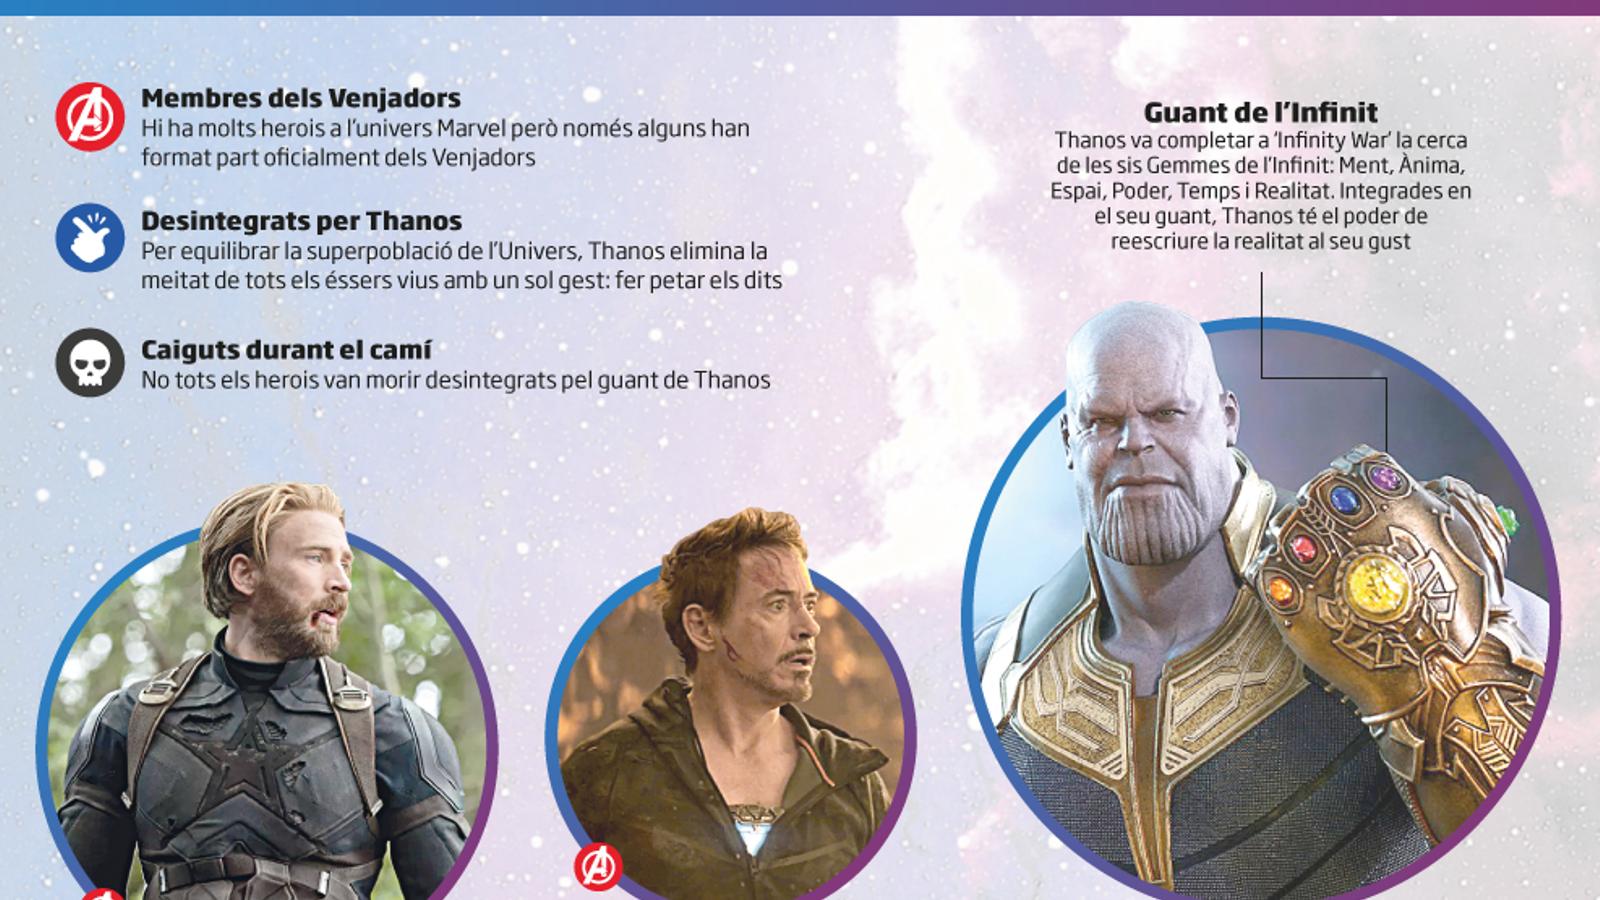 Guia per veure 'Vengadores: Endgame'